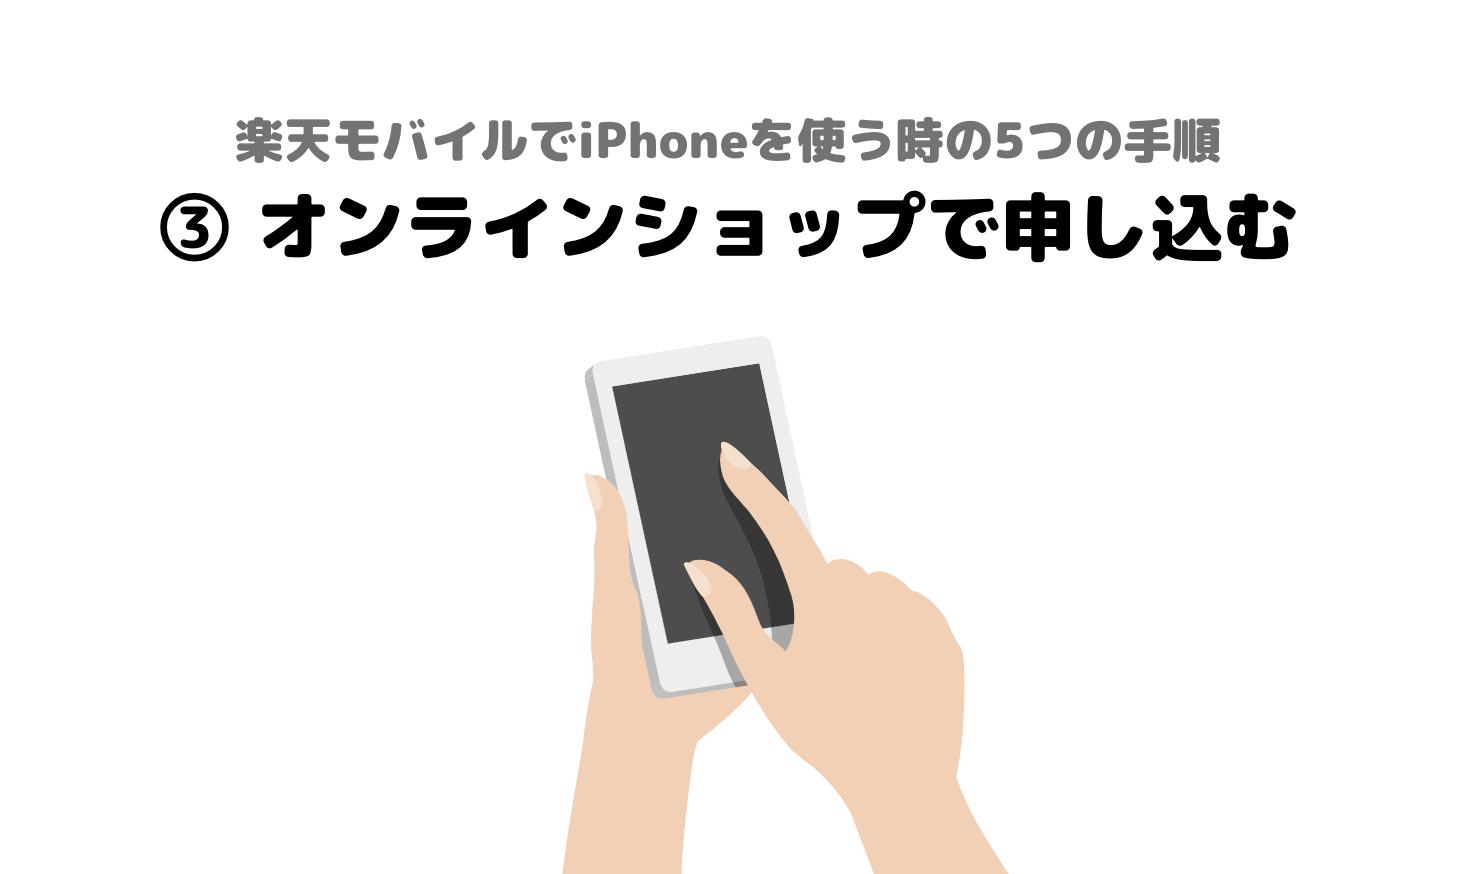 楽天モバイル_iphone_iPhone_iPad_申し込み方法_オンラインショップ_申し込む